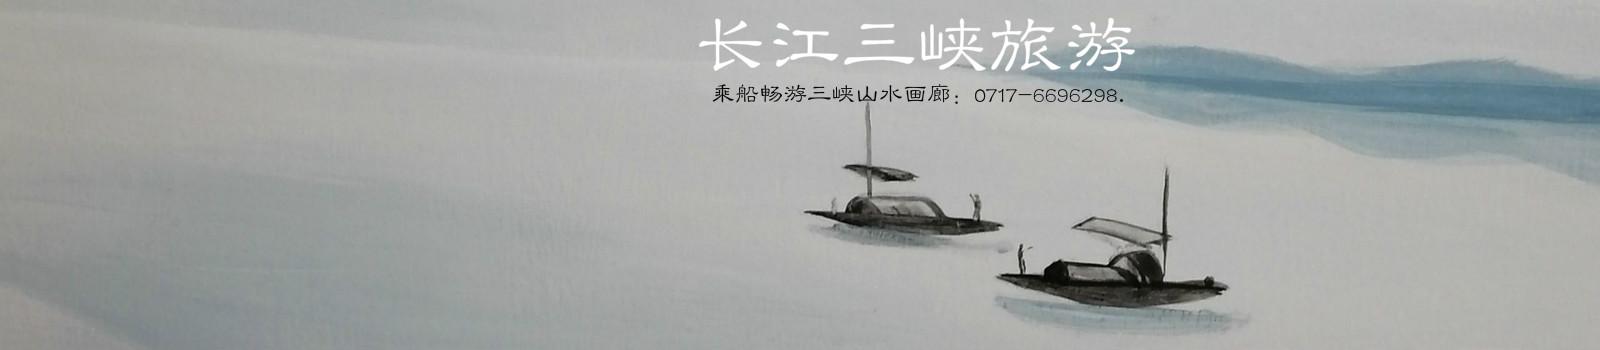 宜昌到奉节长江三峡旅游 线路